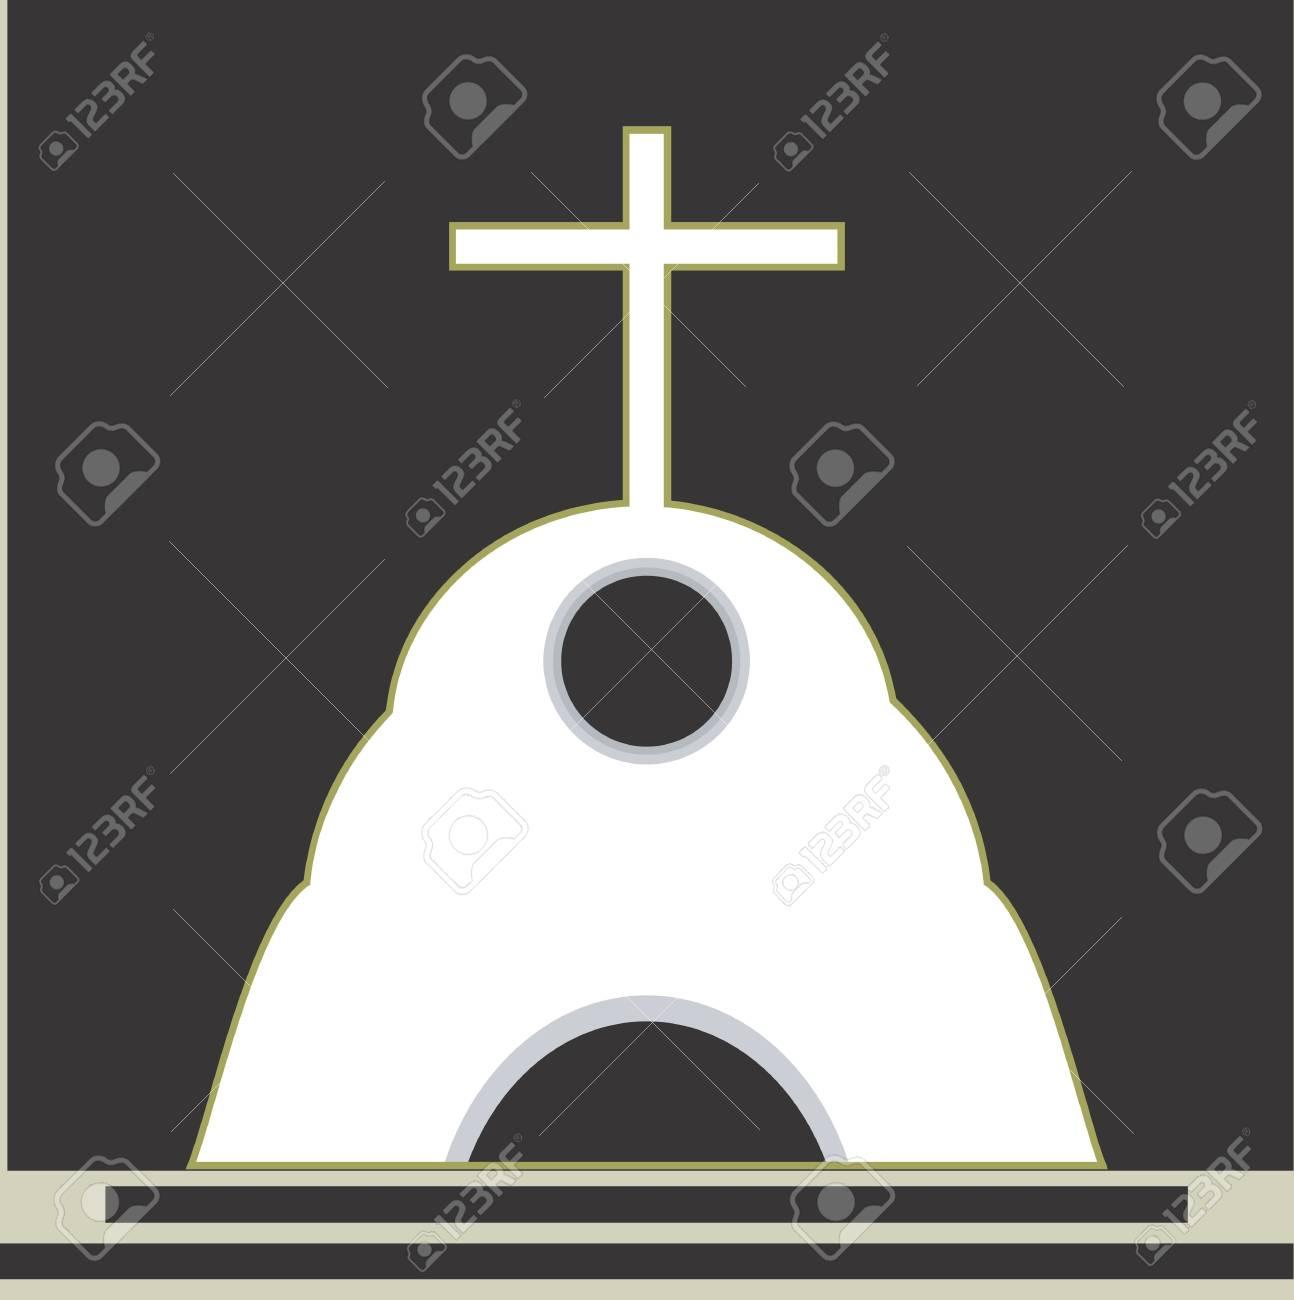 十字のチャペルでのシンボルのイラスト の写真素材画像素材 Image 3013117